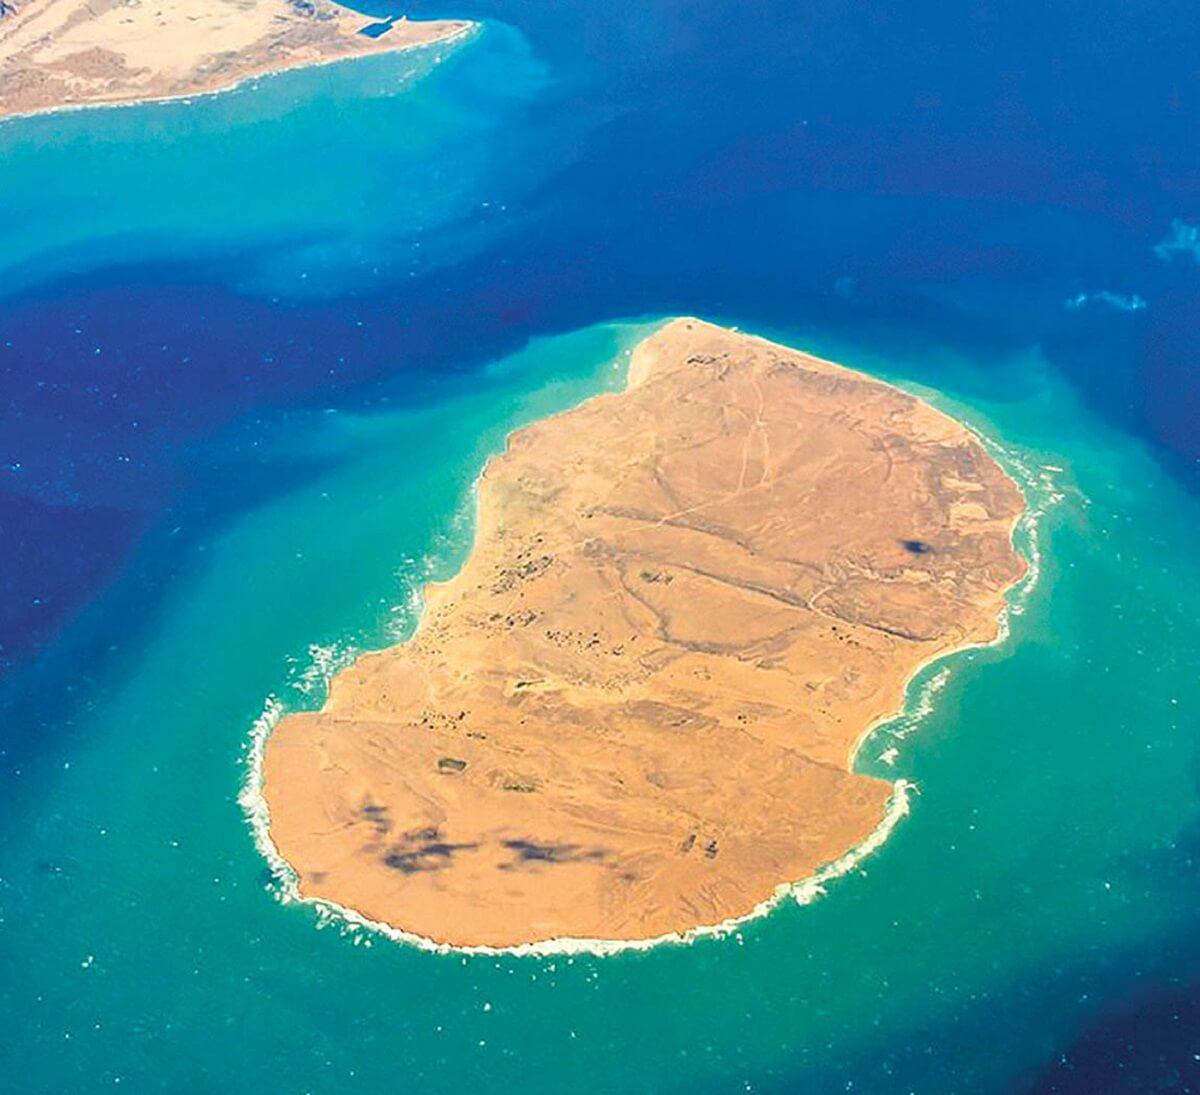 تصویر هوایی از جزیره زیبا و بکر هندورابی در مجاور جزیره کیش